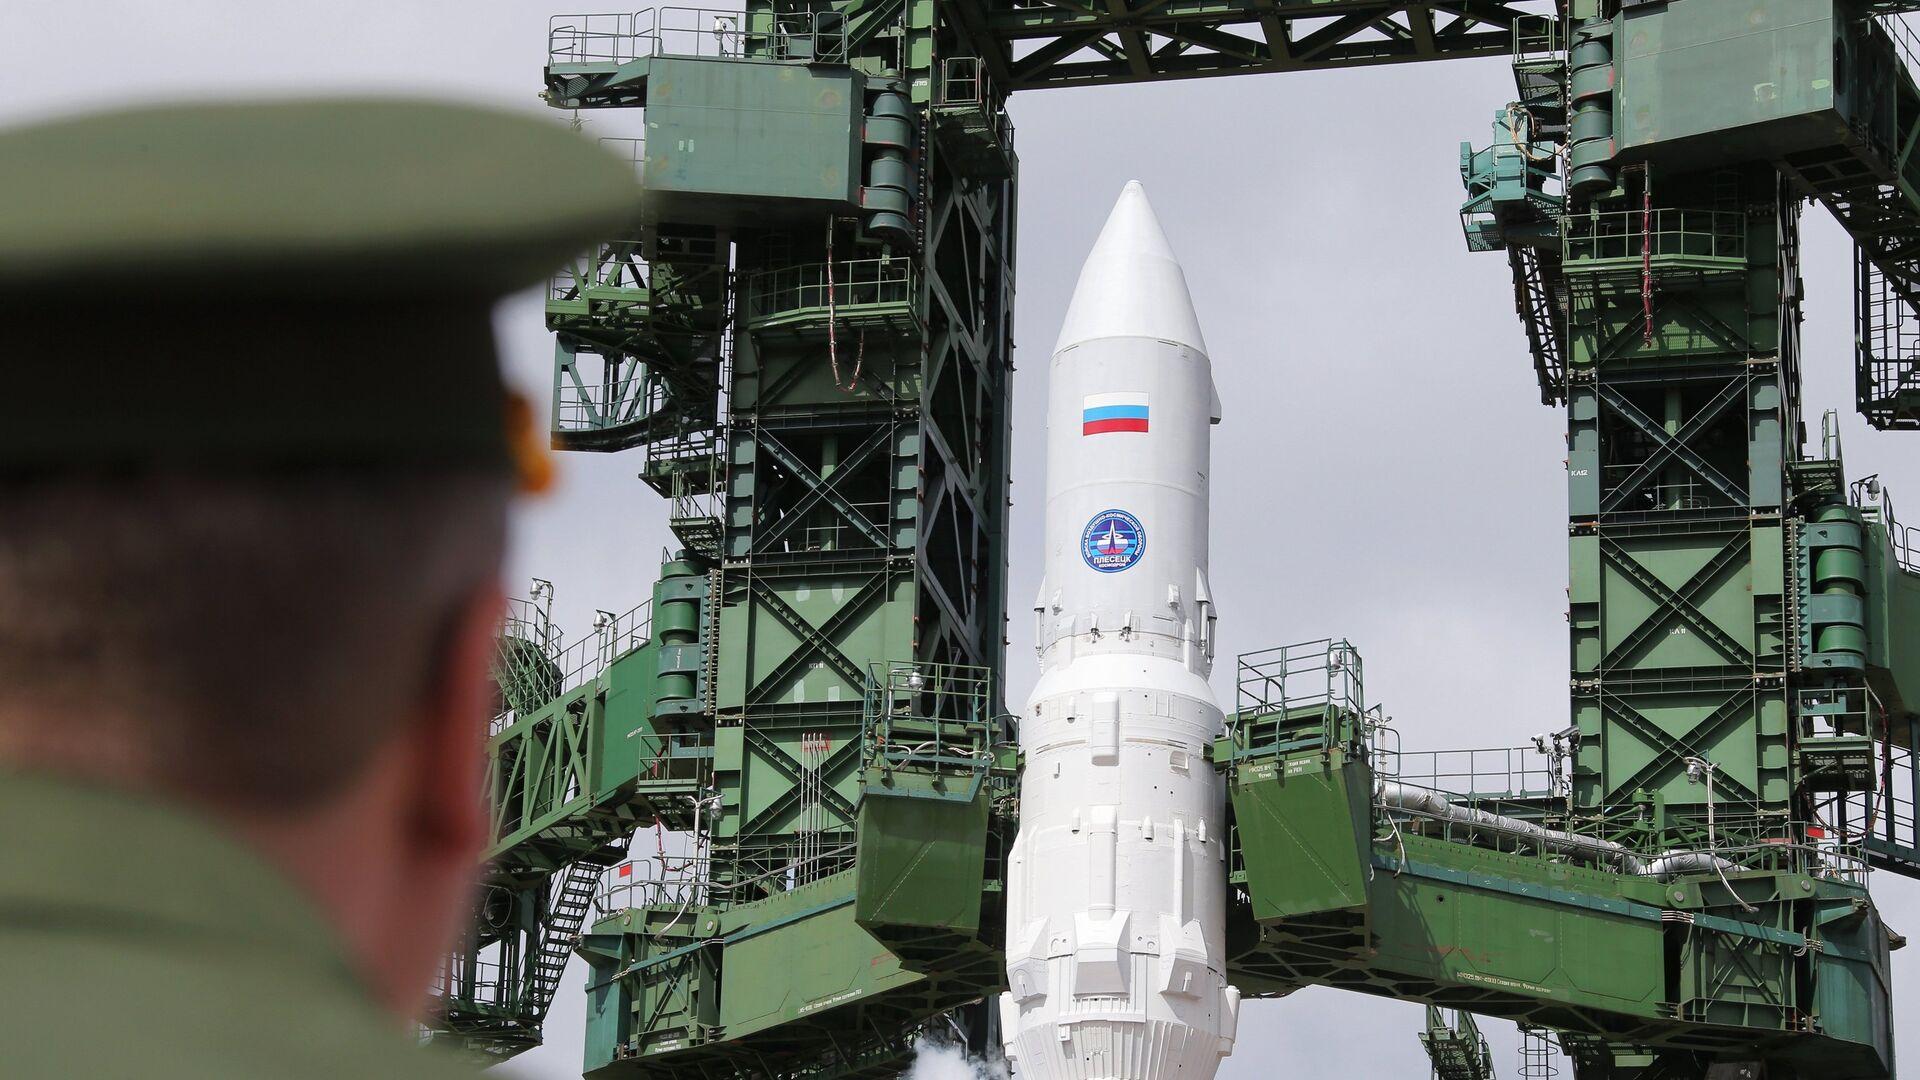 Ракета космического назначения легкого класса Ангара-1.2ПП - РИА Новости, 1920, 18.02.2021